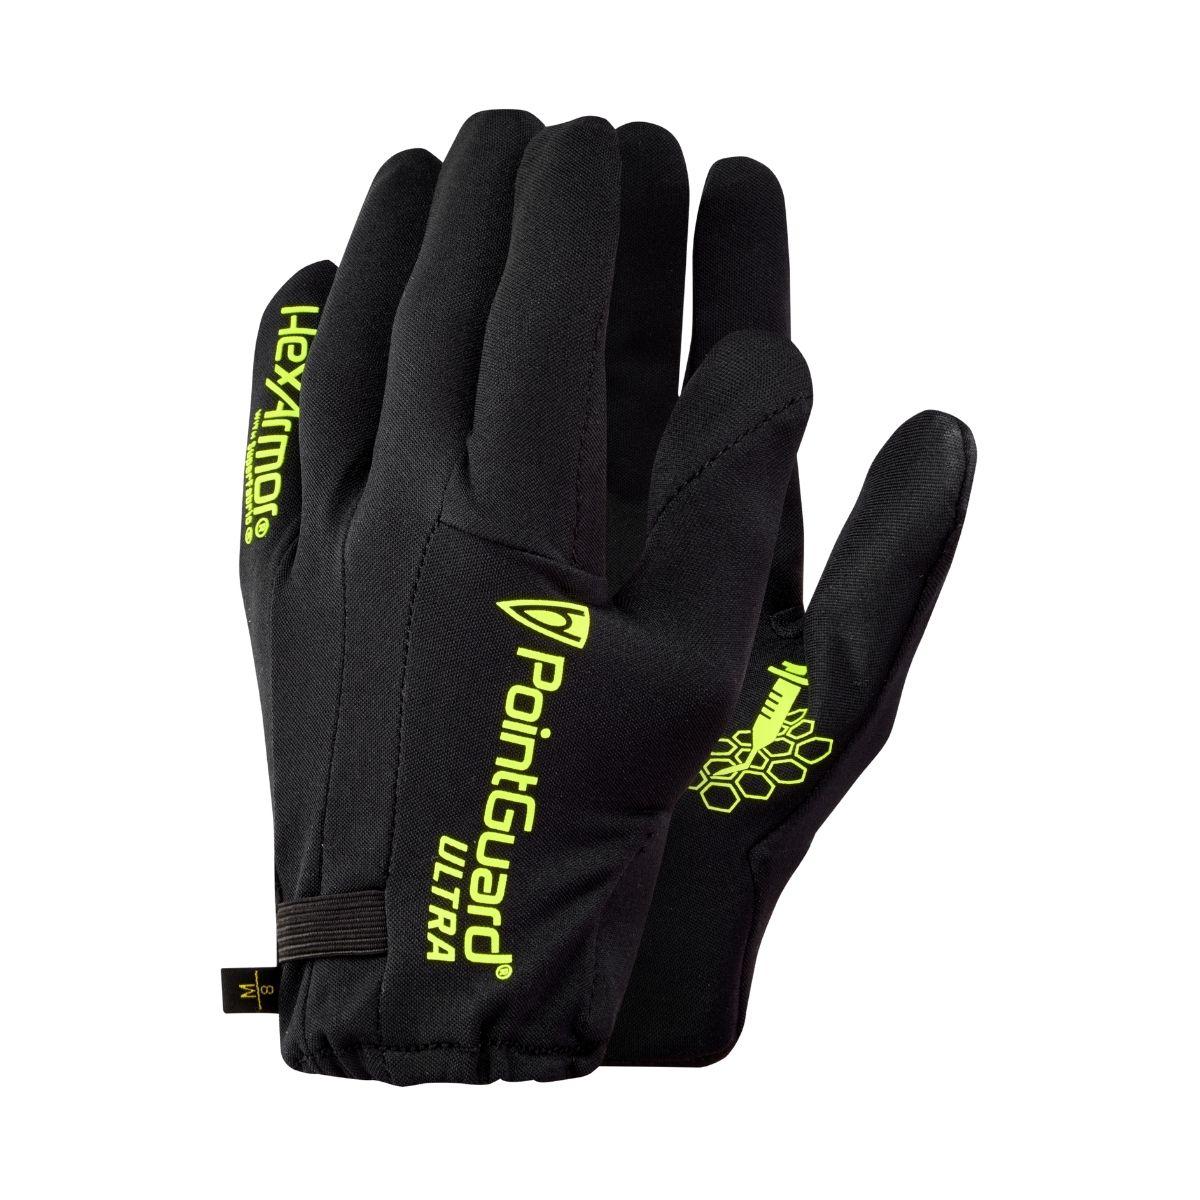 GL6044 PointGuard Ultra 6044 Glove